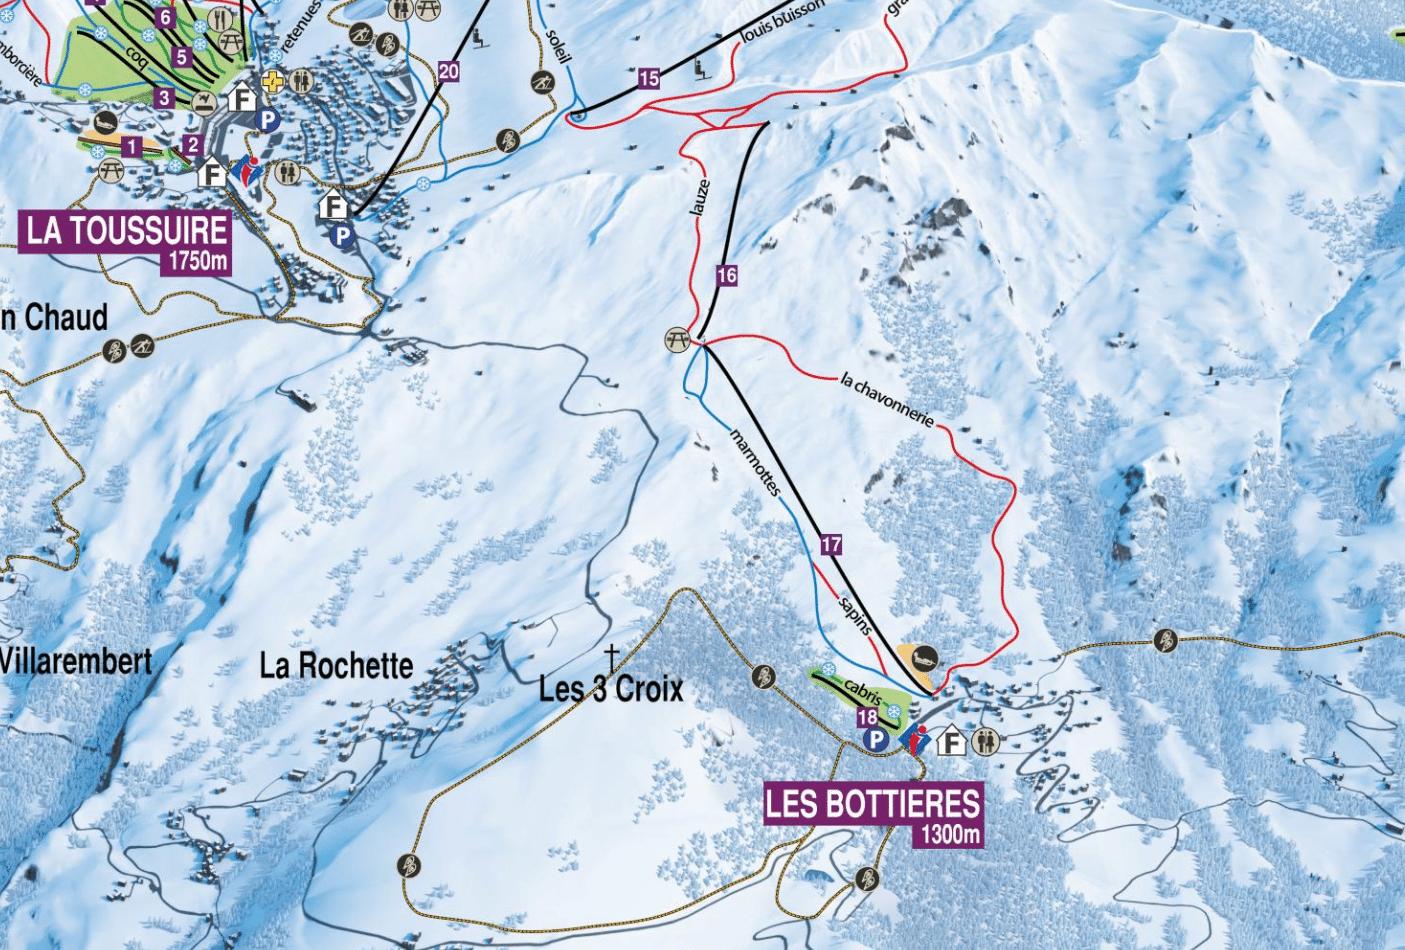 Les bottières - Plan des pistes de ski